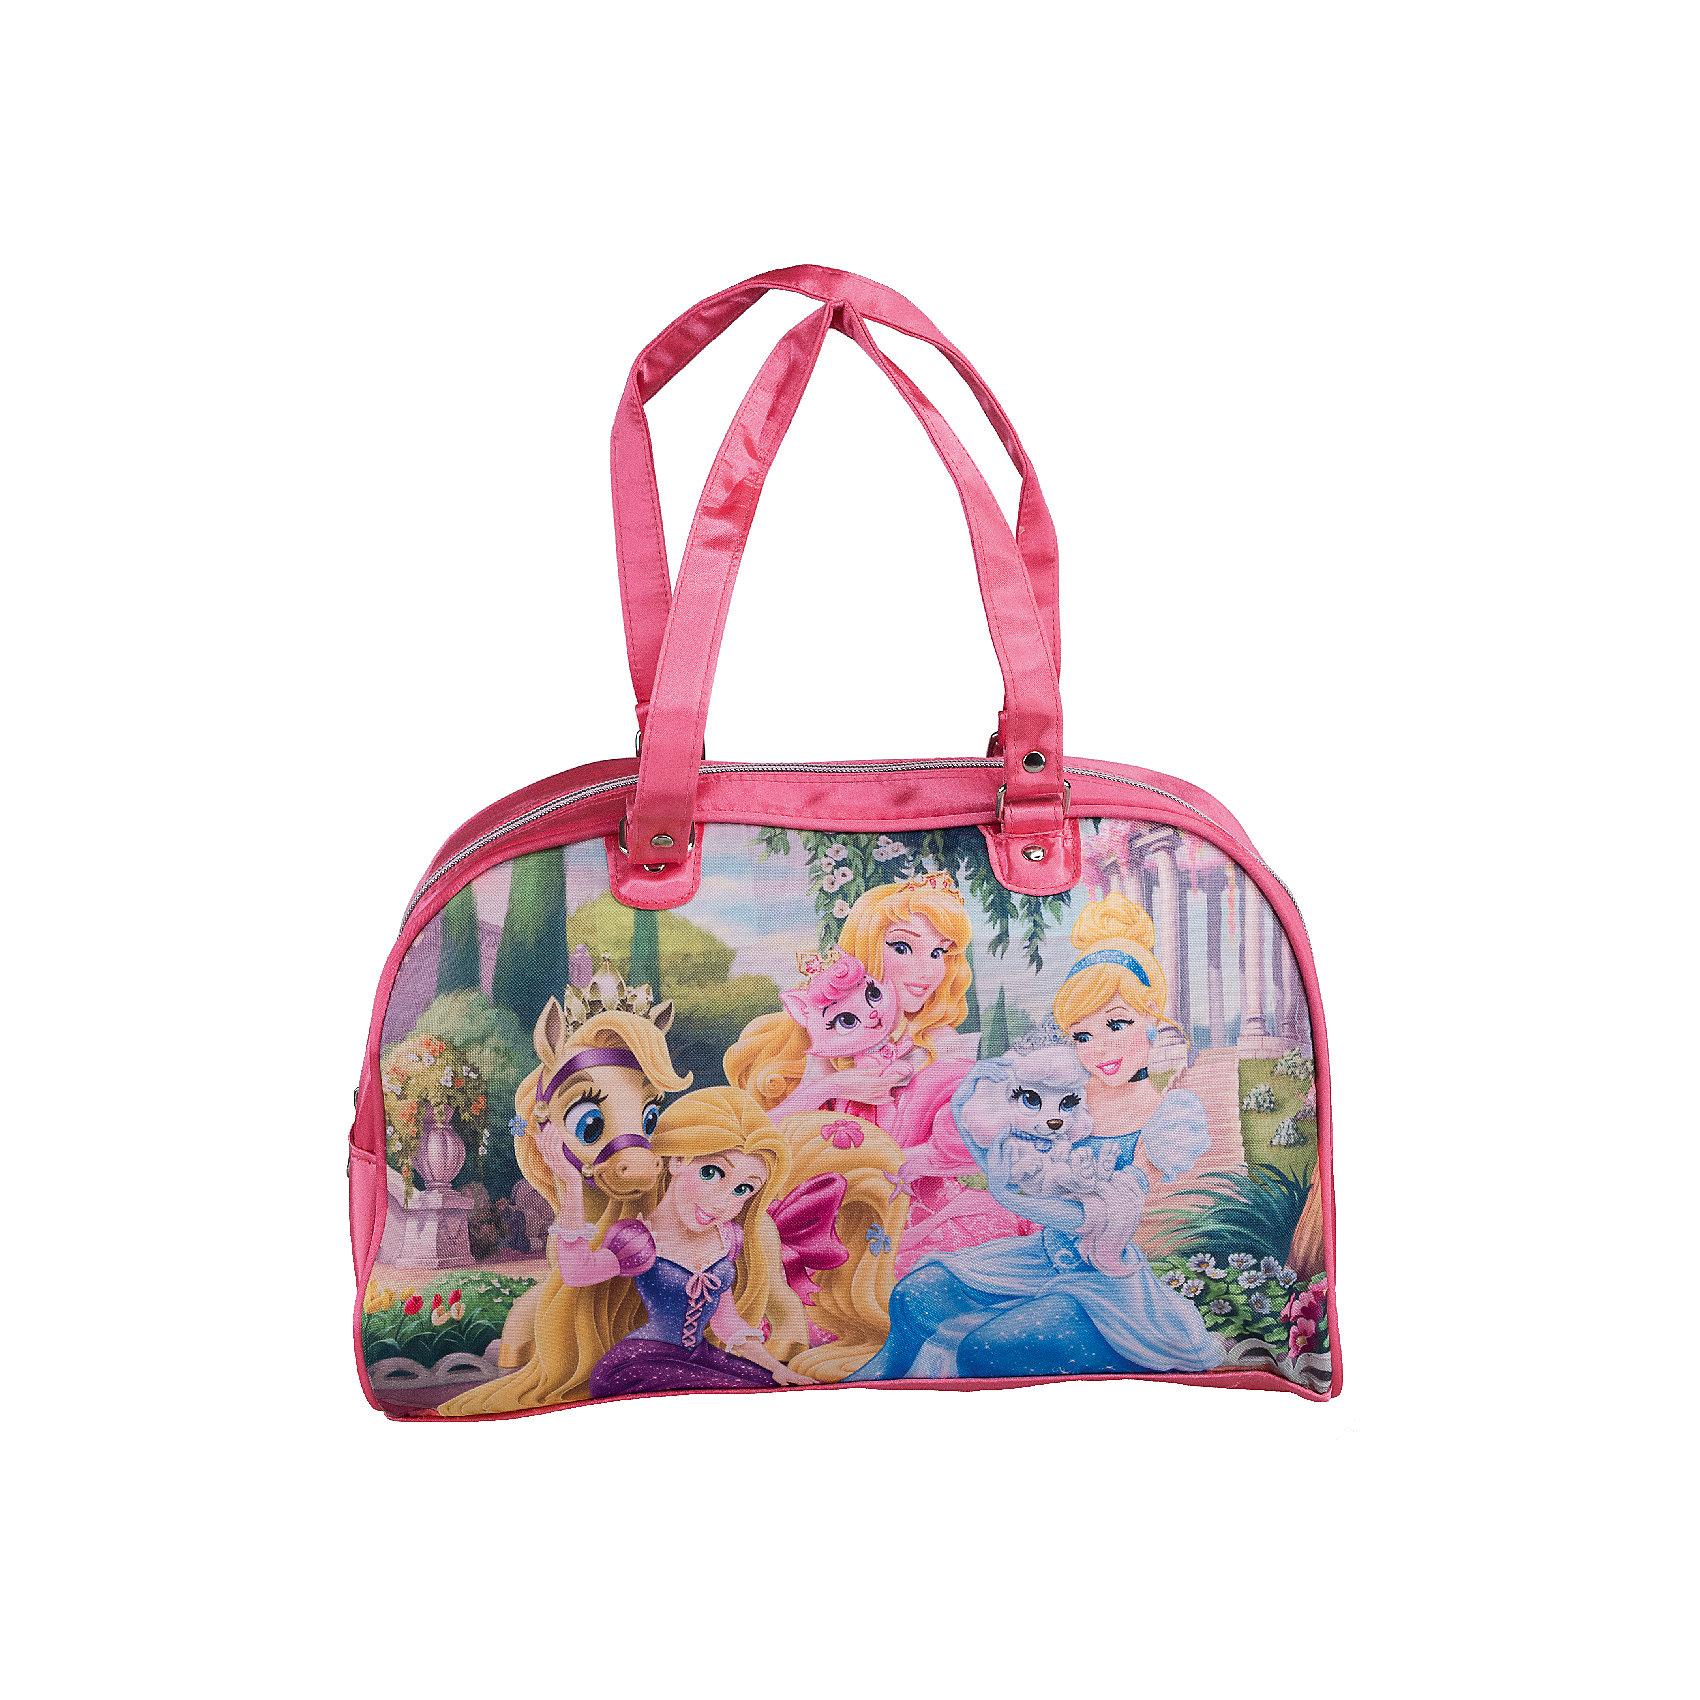 Сумка Принцессы Дисней  21,5*34*13 смСтильная детская сумка с изображением любимых героев, несомненно понравится Вашему ребенку. С ней можно отправиться на прогулку и взять с собой все самое необходимое. Сумка закрывается на молнию. Модель снабжена удобными текстильными ручками для ношения в руках. Сумка выполнена из плотного и износостойкого полиэстера.<br><br>Дополнительная информация:<br><br>Одно отделение на молнии.<br>Размер 21,5 х 34 х 13 см.<br><br>Сумку Принцессы Дисней (Disney Princess)  21,5*34*13 см можно купить в нашем магазине.<br><br>Ширина мм: 215<br>Глубина мм: 340<br>Высота мм: 130<br>Вес г: 241<br>Возраст от месяцев: 48<br>Возраст до месяцев: 84<br>Пол: Женский<br>Возраст: Детский<br>SKU: 4141002